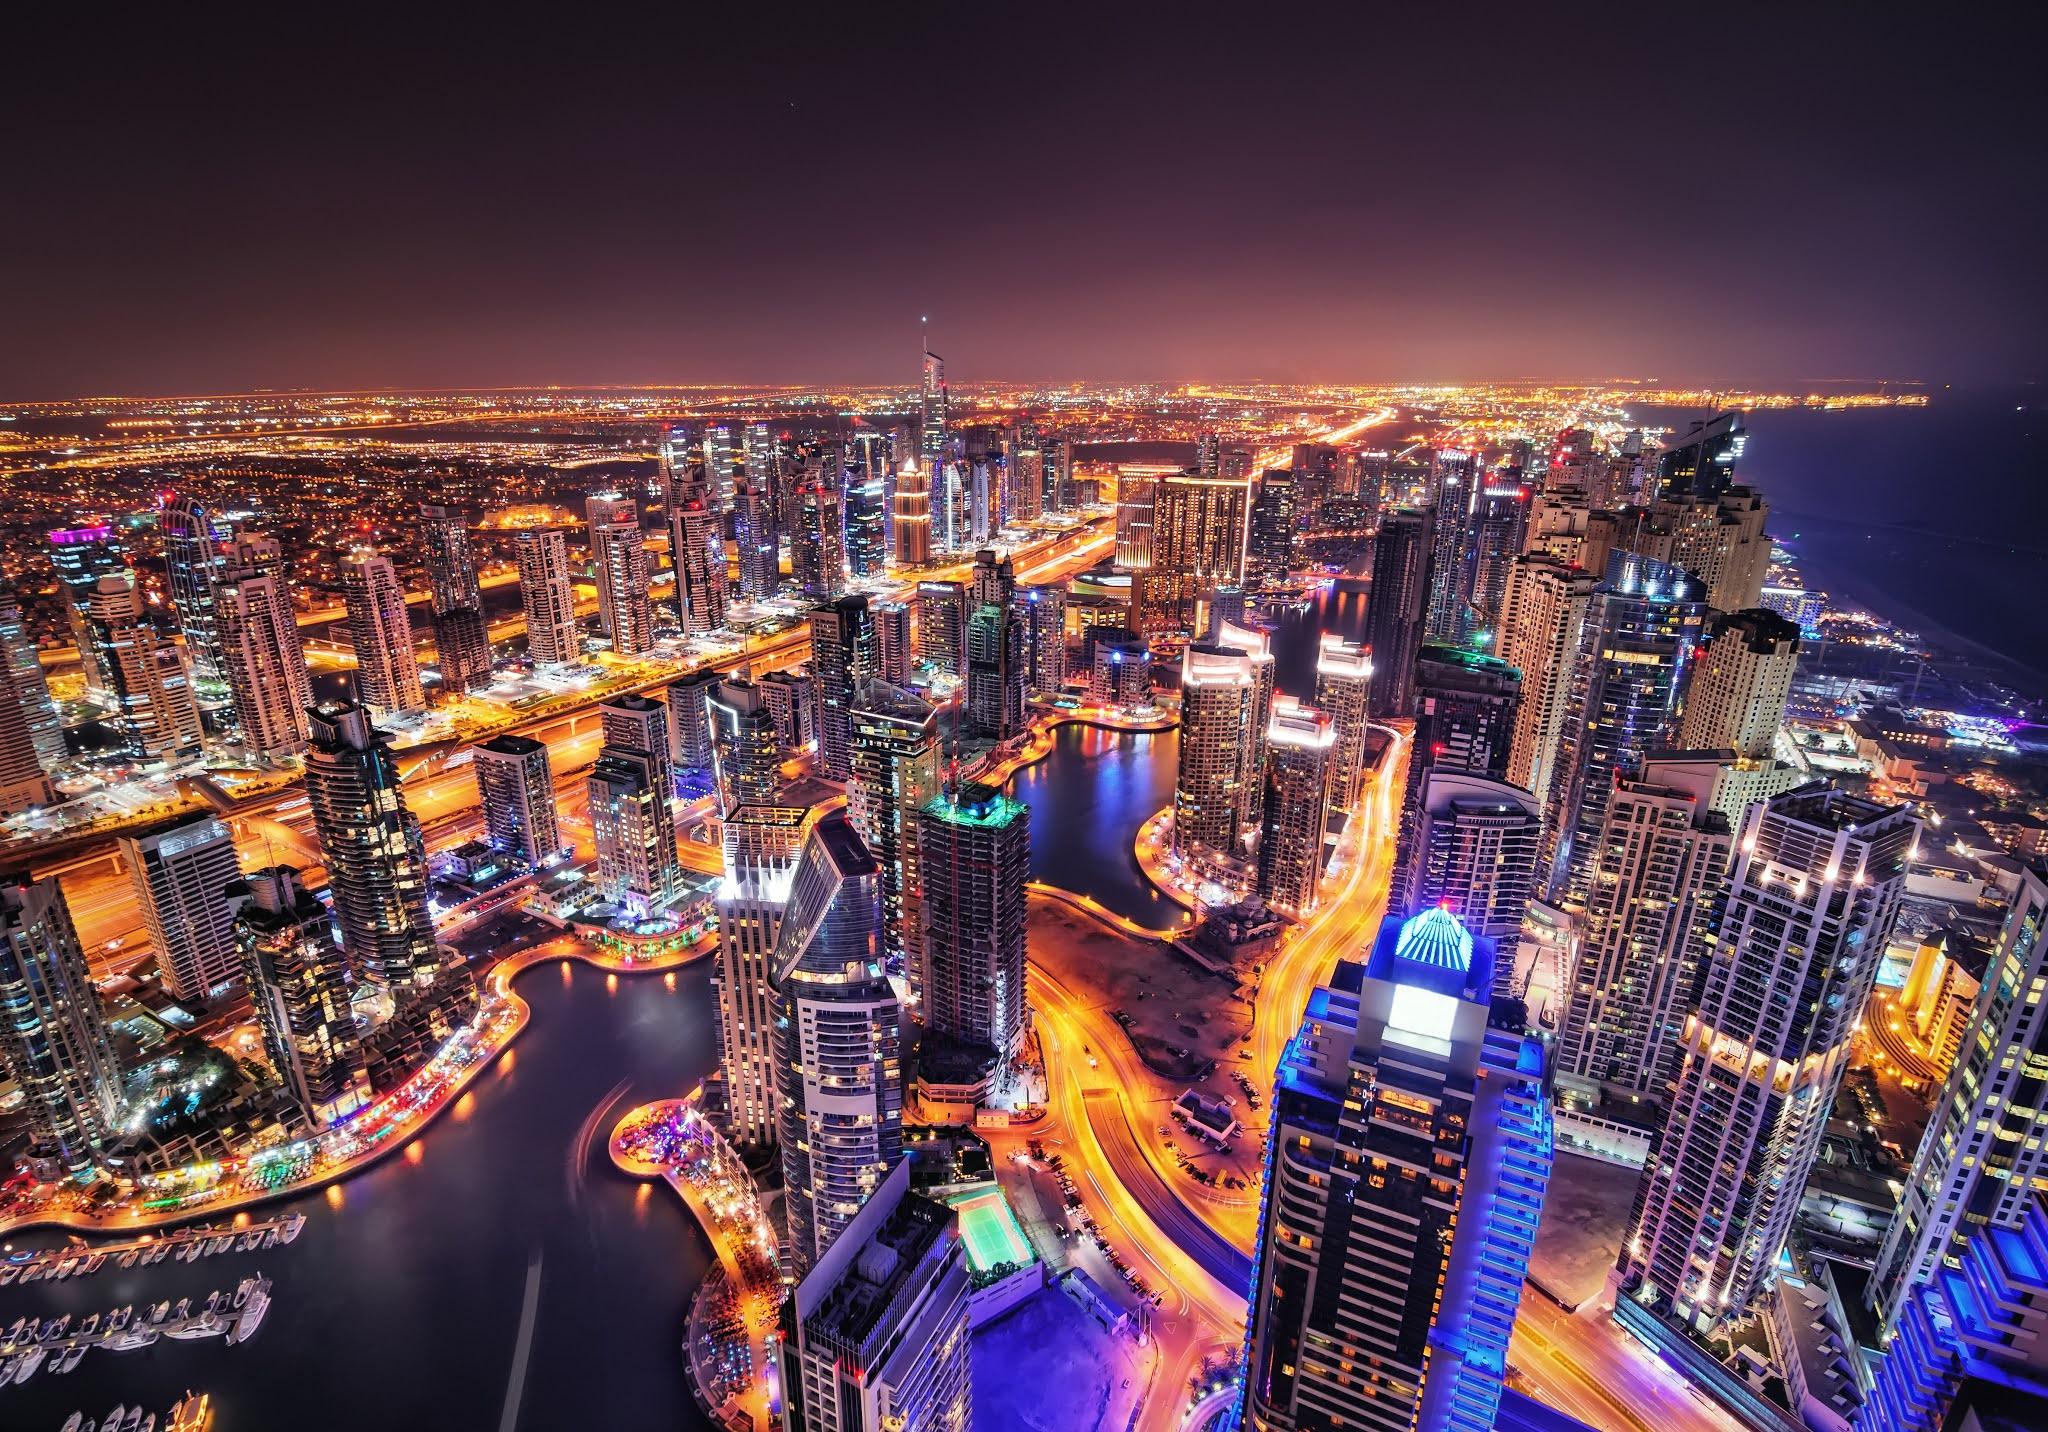 دبي للسياحة شريك لمنتدى قادة الضيافة ومعرض الفنادق 31 مايو